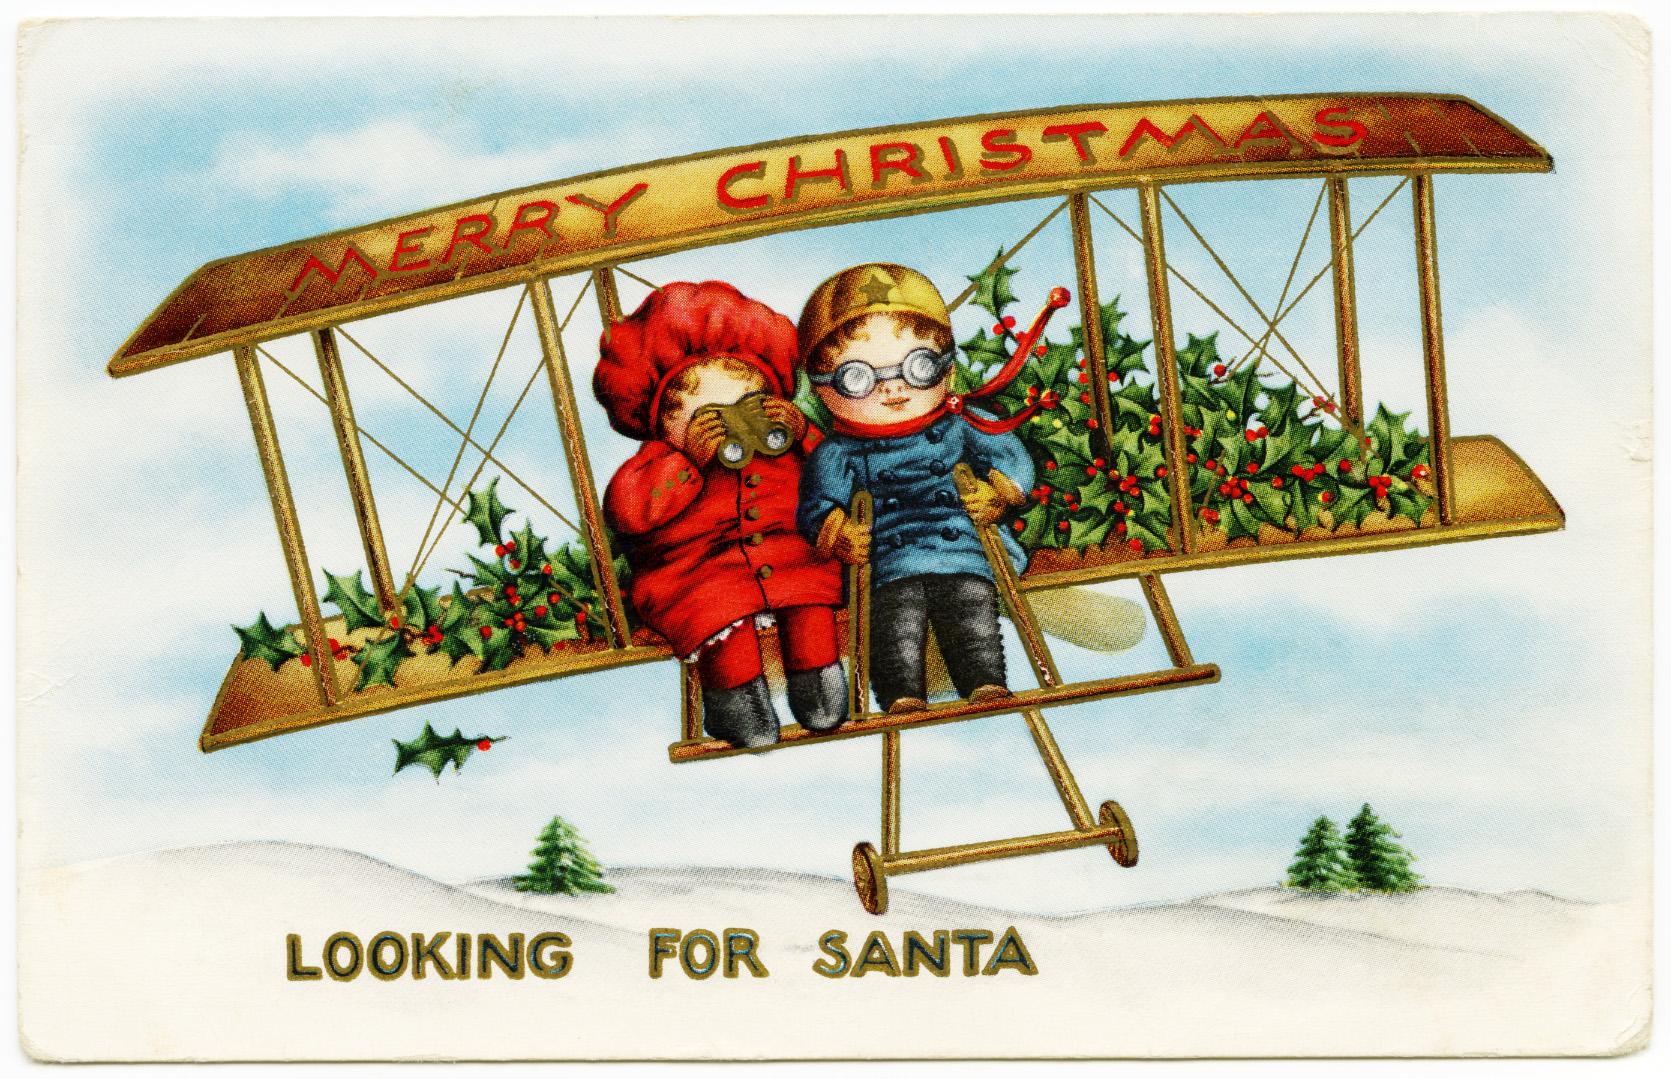 Children Looking for Santa in Plane - Old Design Shop Blog